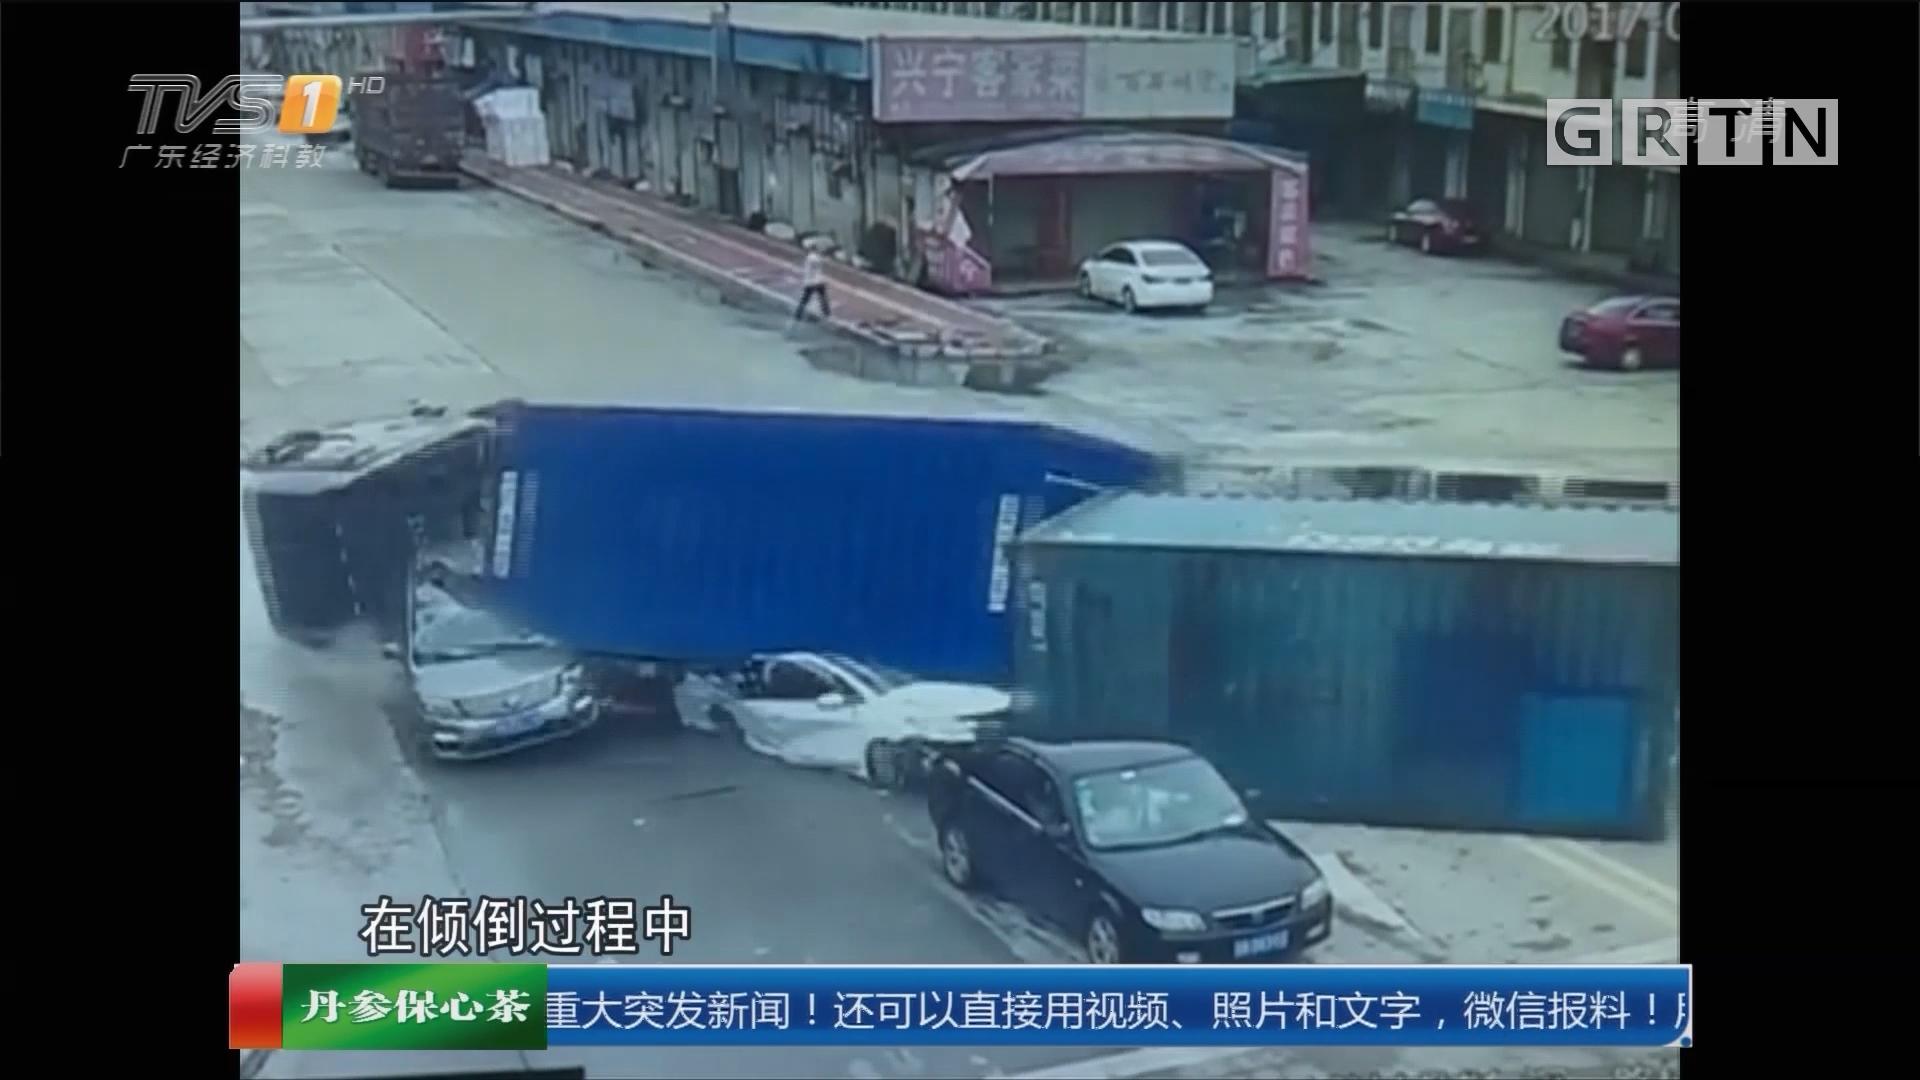 东莞凤岗:拖挂车侧翻 货柜碾压两小车